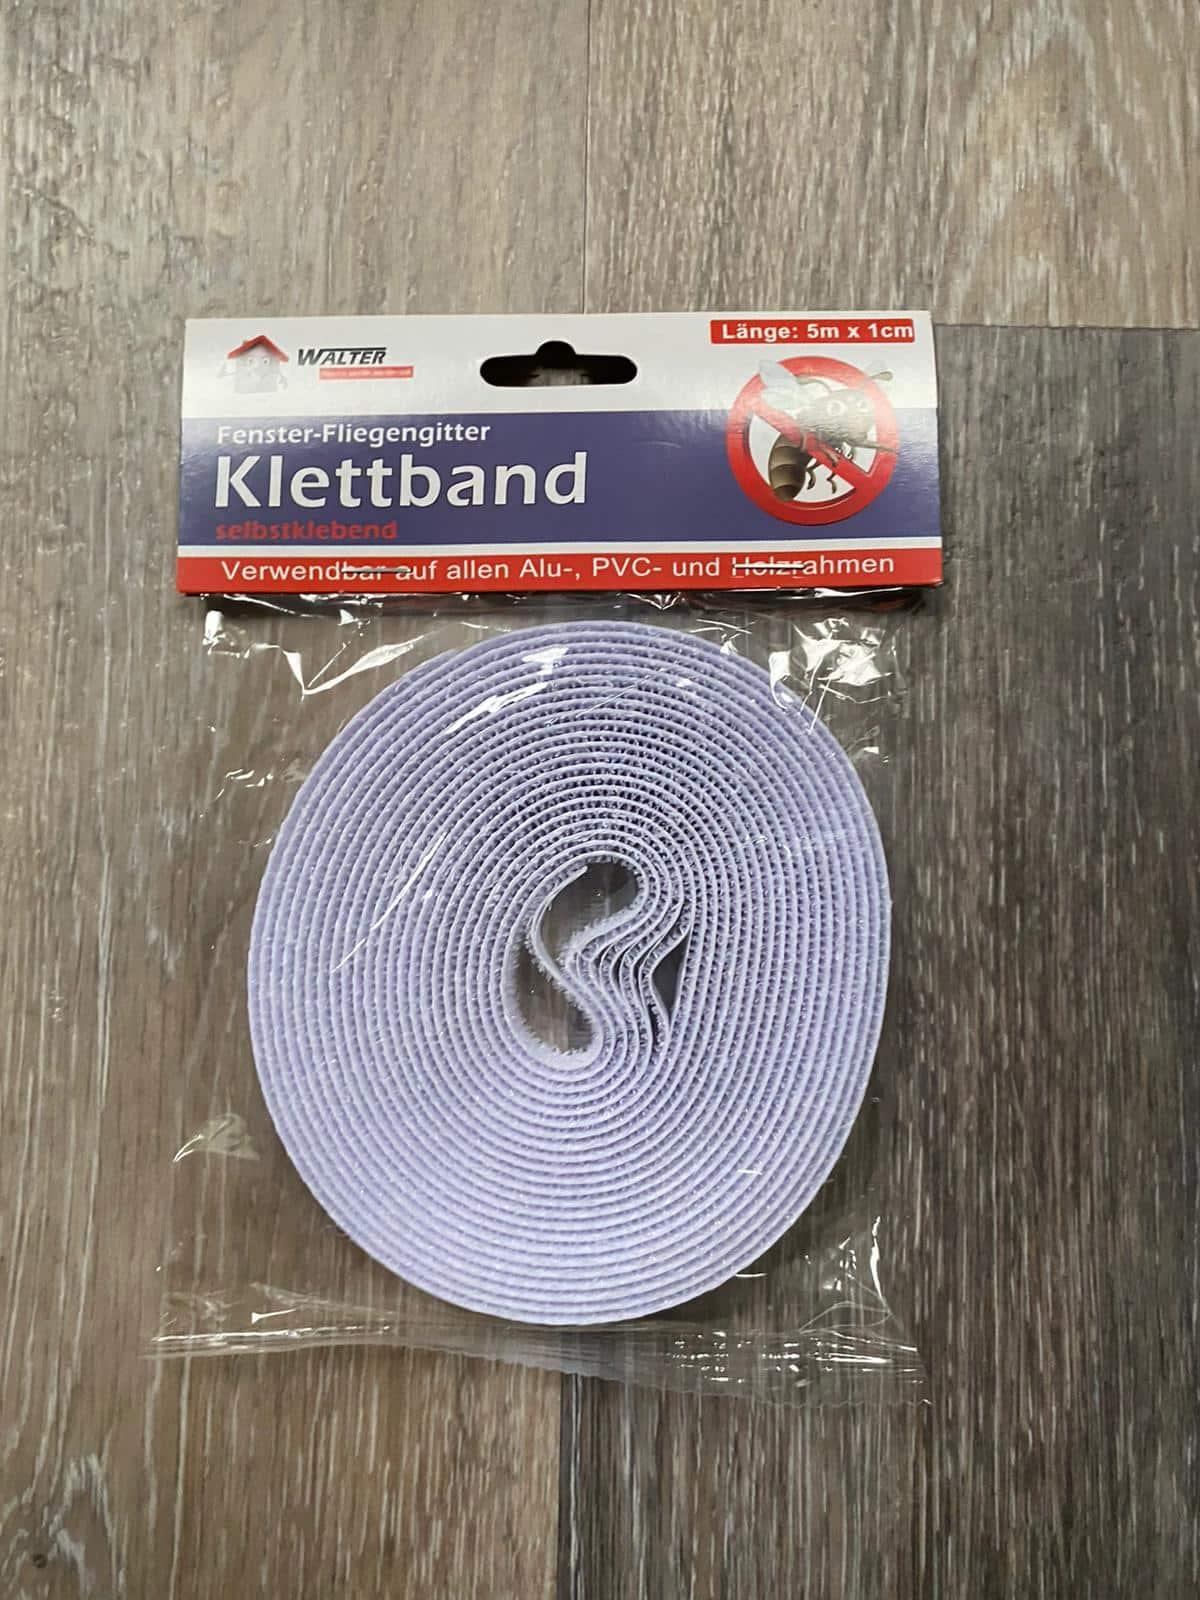 Klettband für Fenster-Fliegengitter